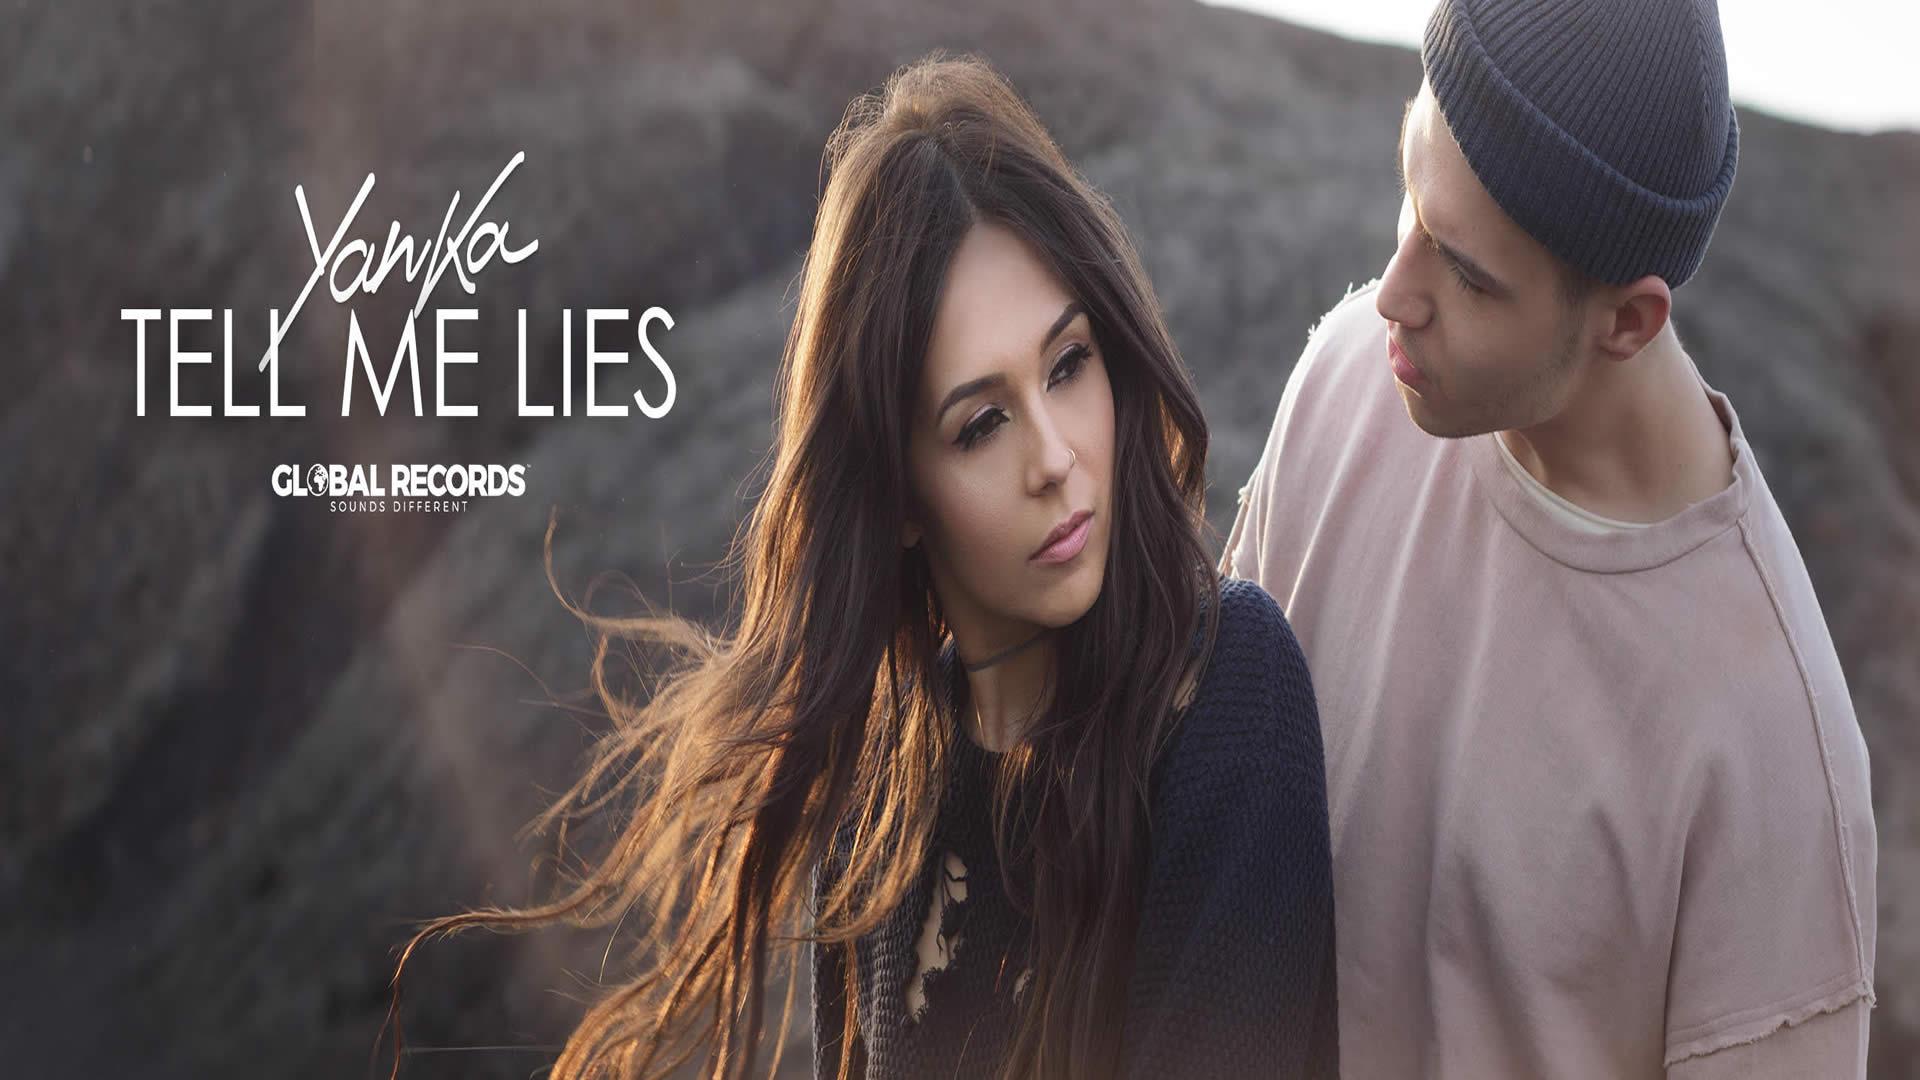 Yanka - Tell Me Lies